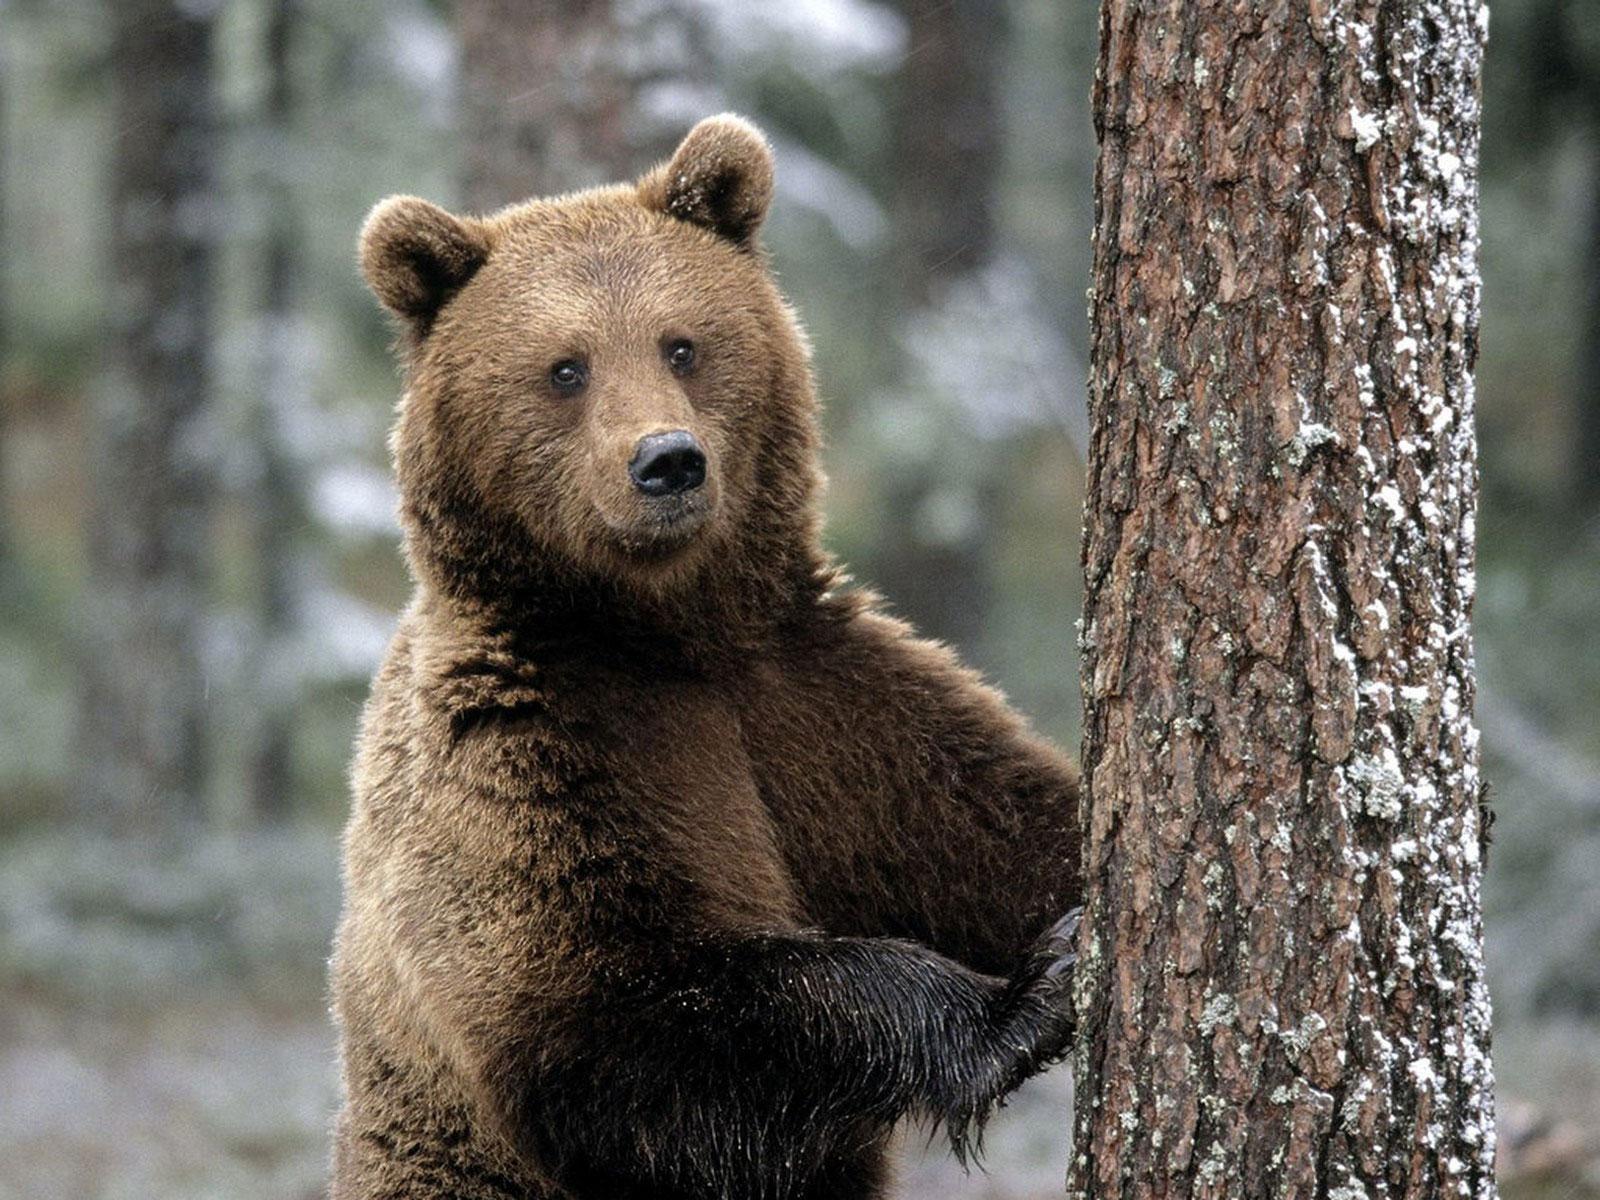 В Алтайском крае грибники встретили медведя и убежали от него на машине